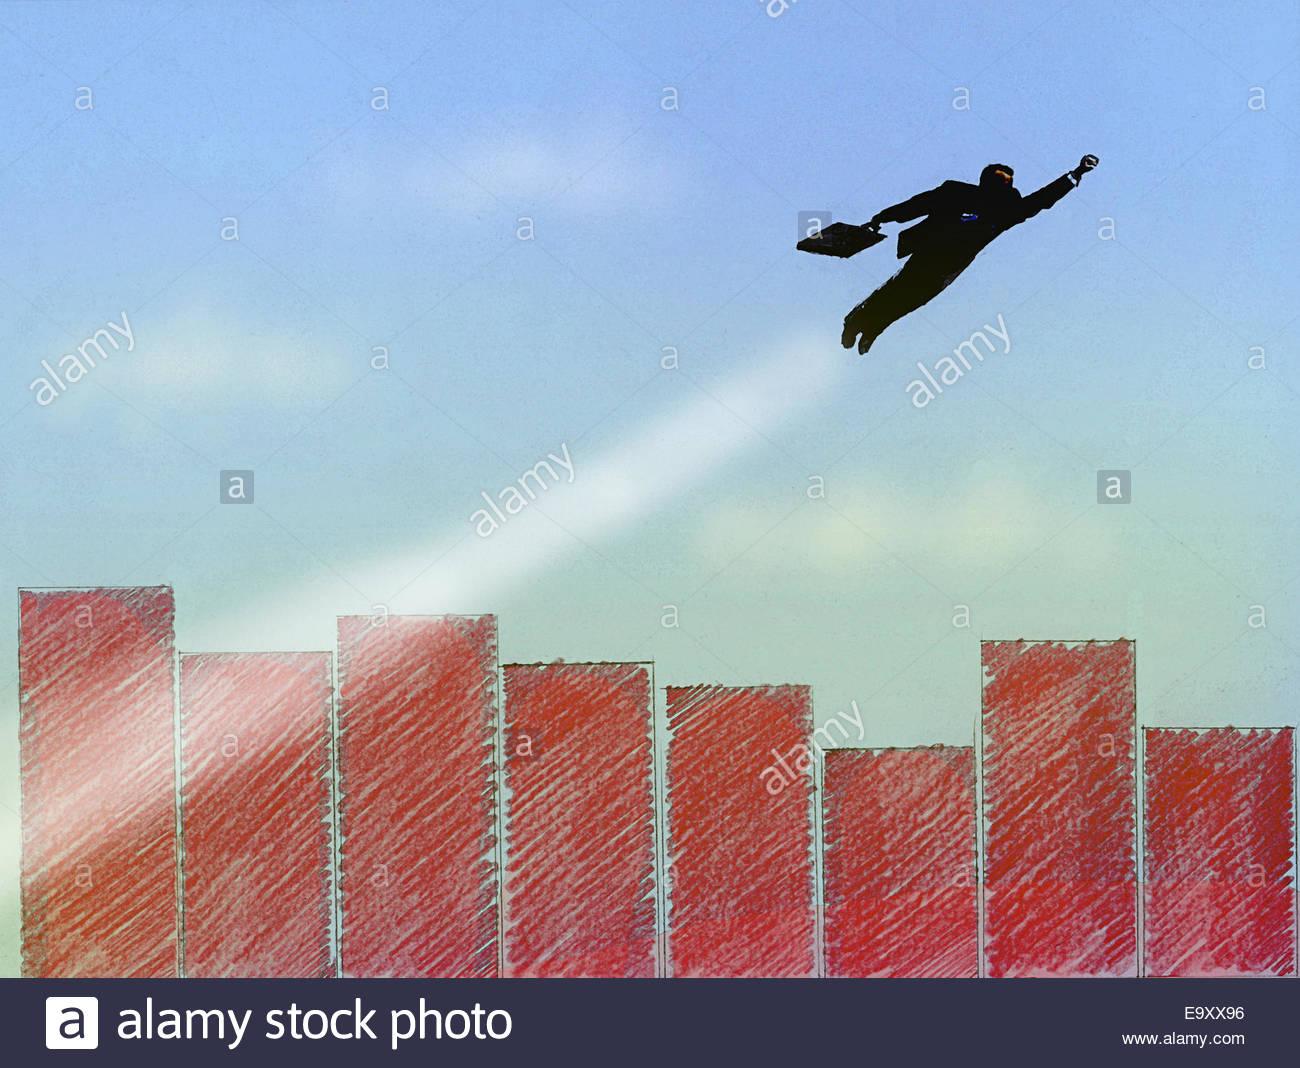 Superhéroe empresario sobrevolando la ciudad de gráfico de barras Imagen De Stock